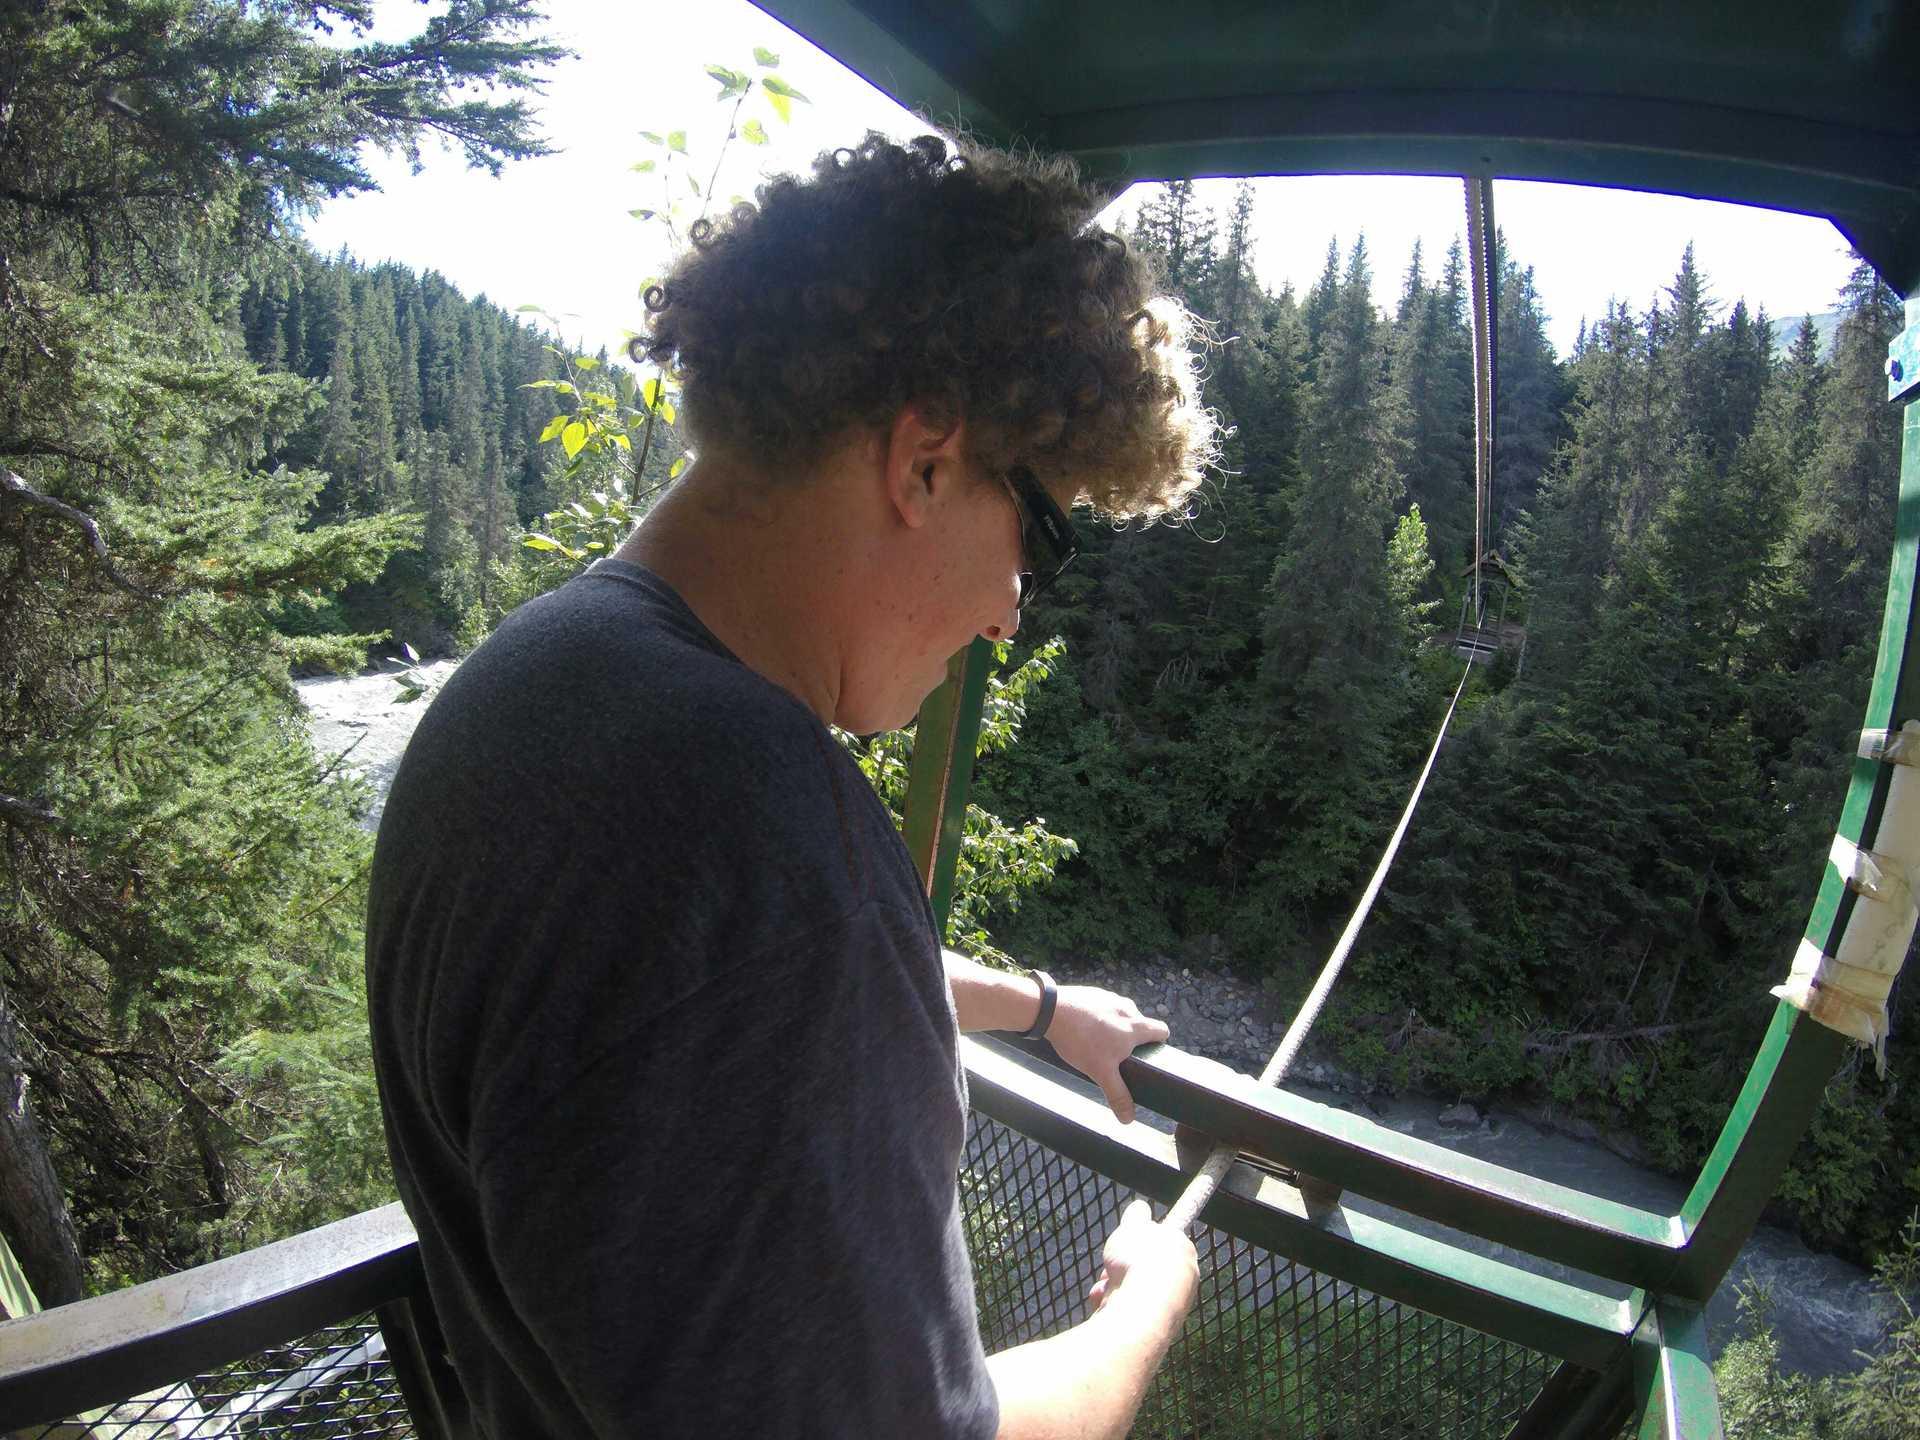 Crossing the Winner Creek Gorge